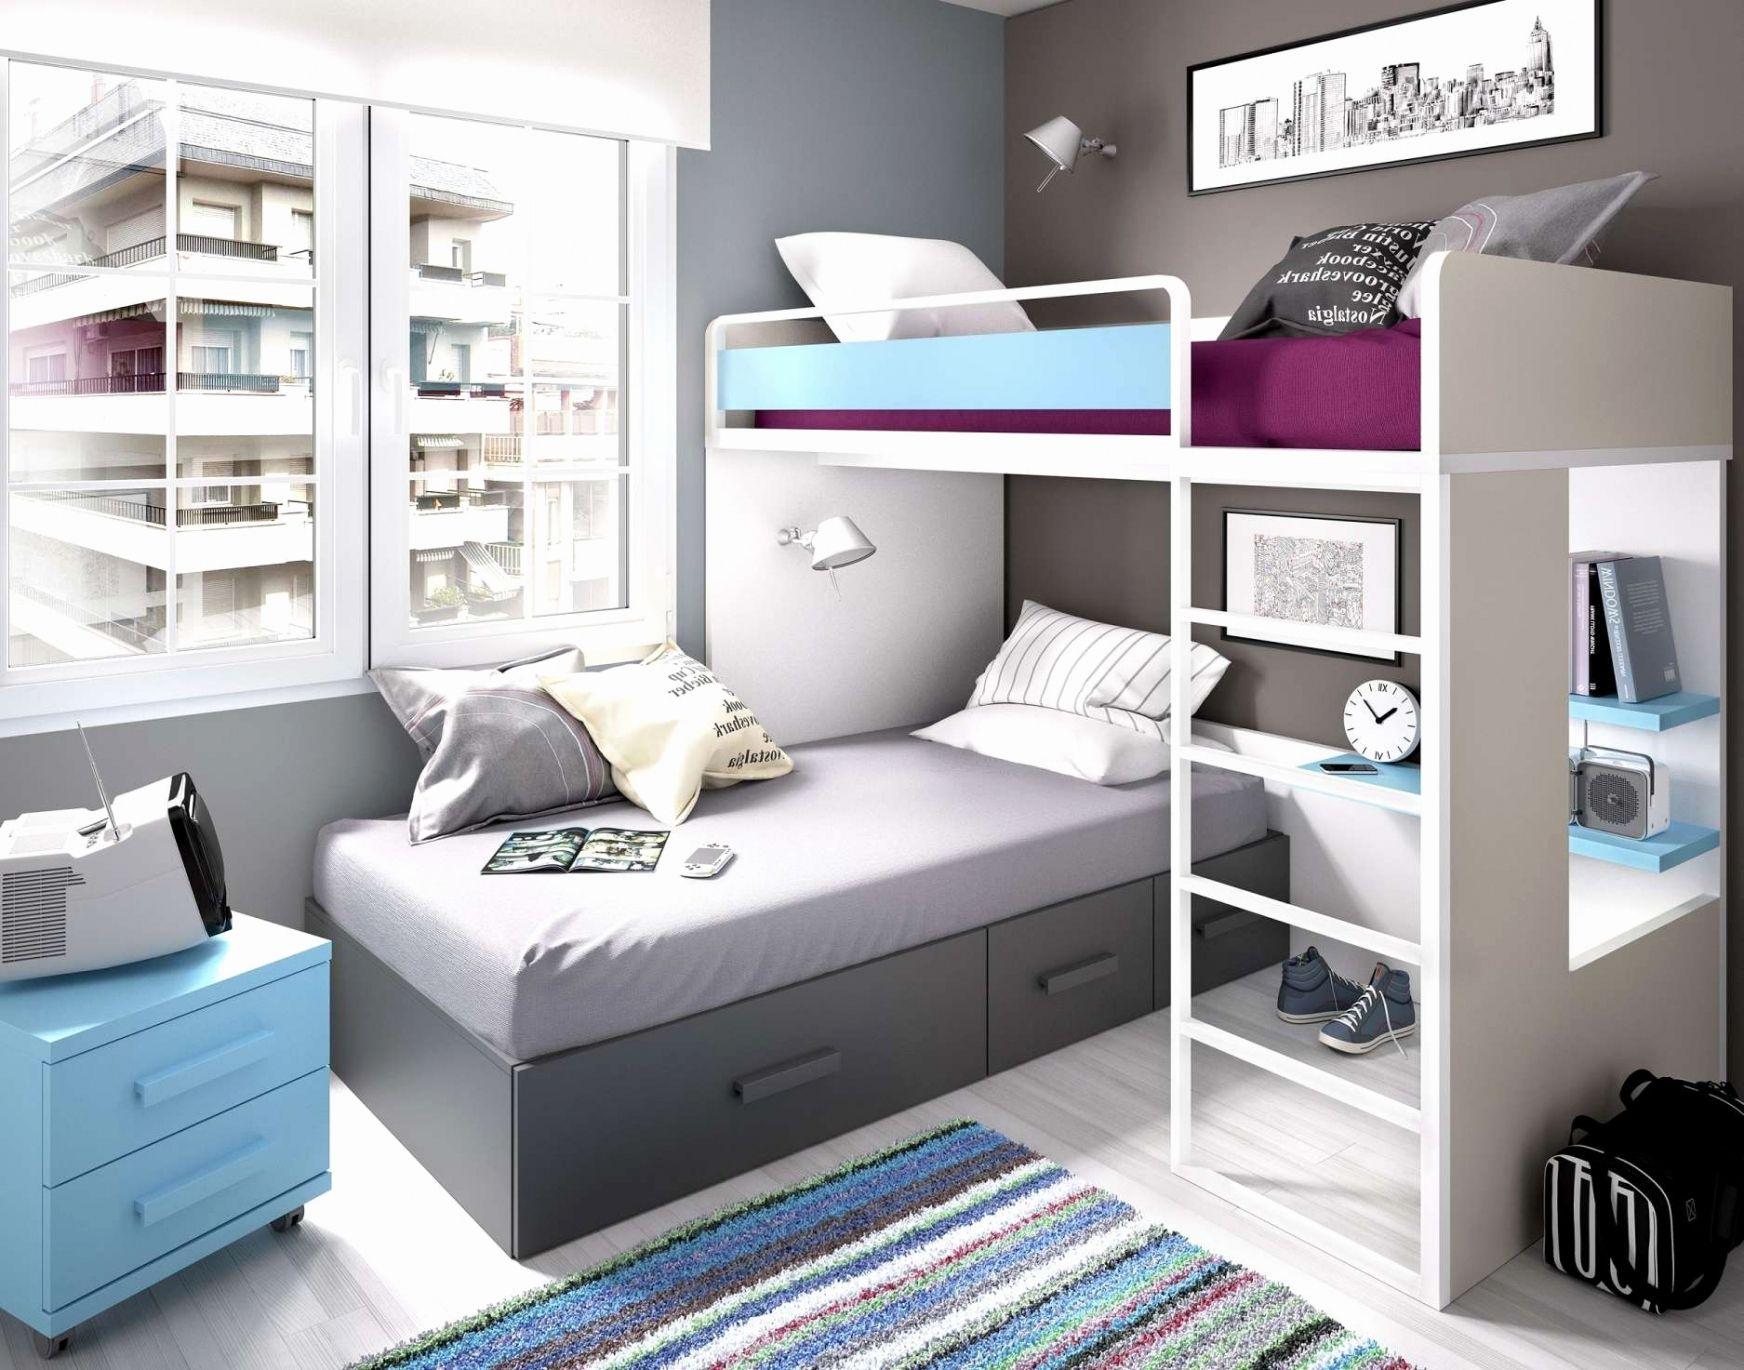 Schlafzimmer Komplett Auf Rechnung   Best Home Decor